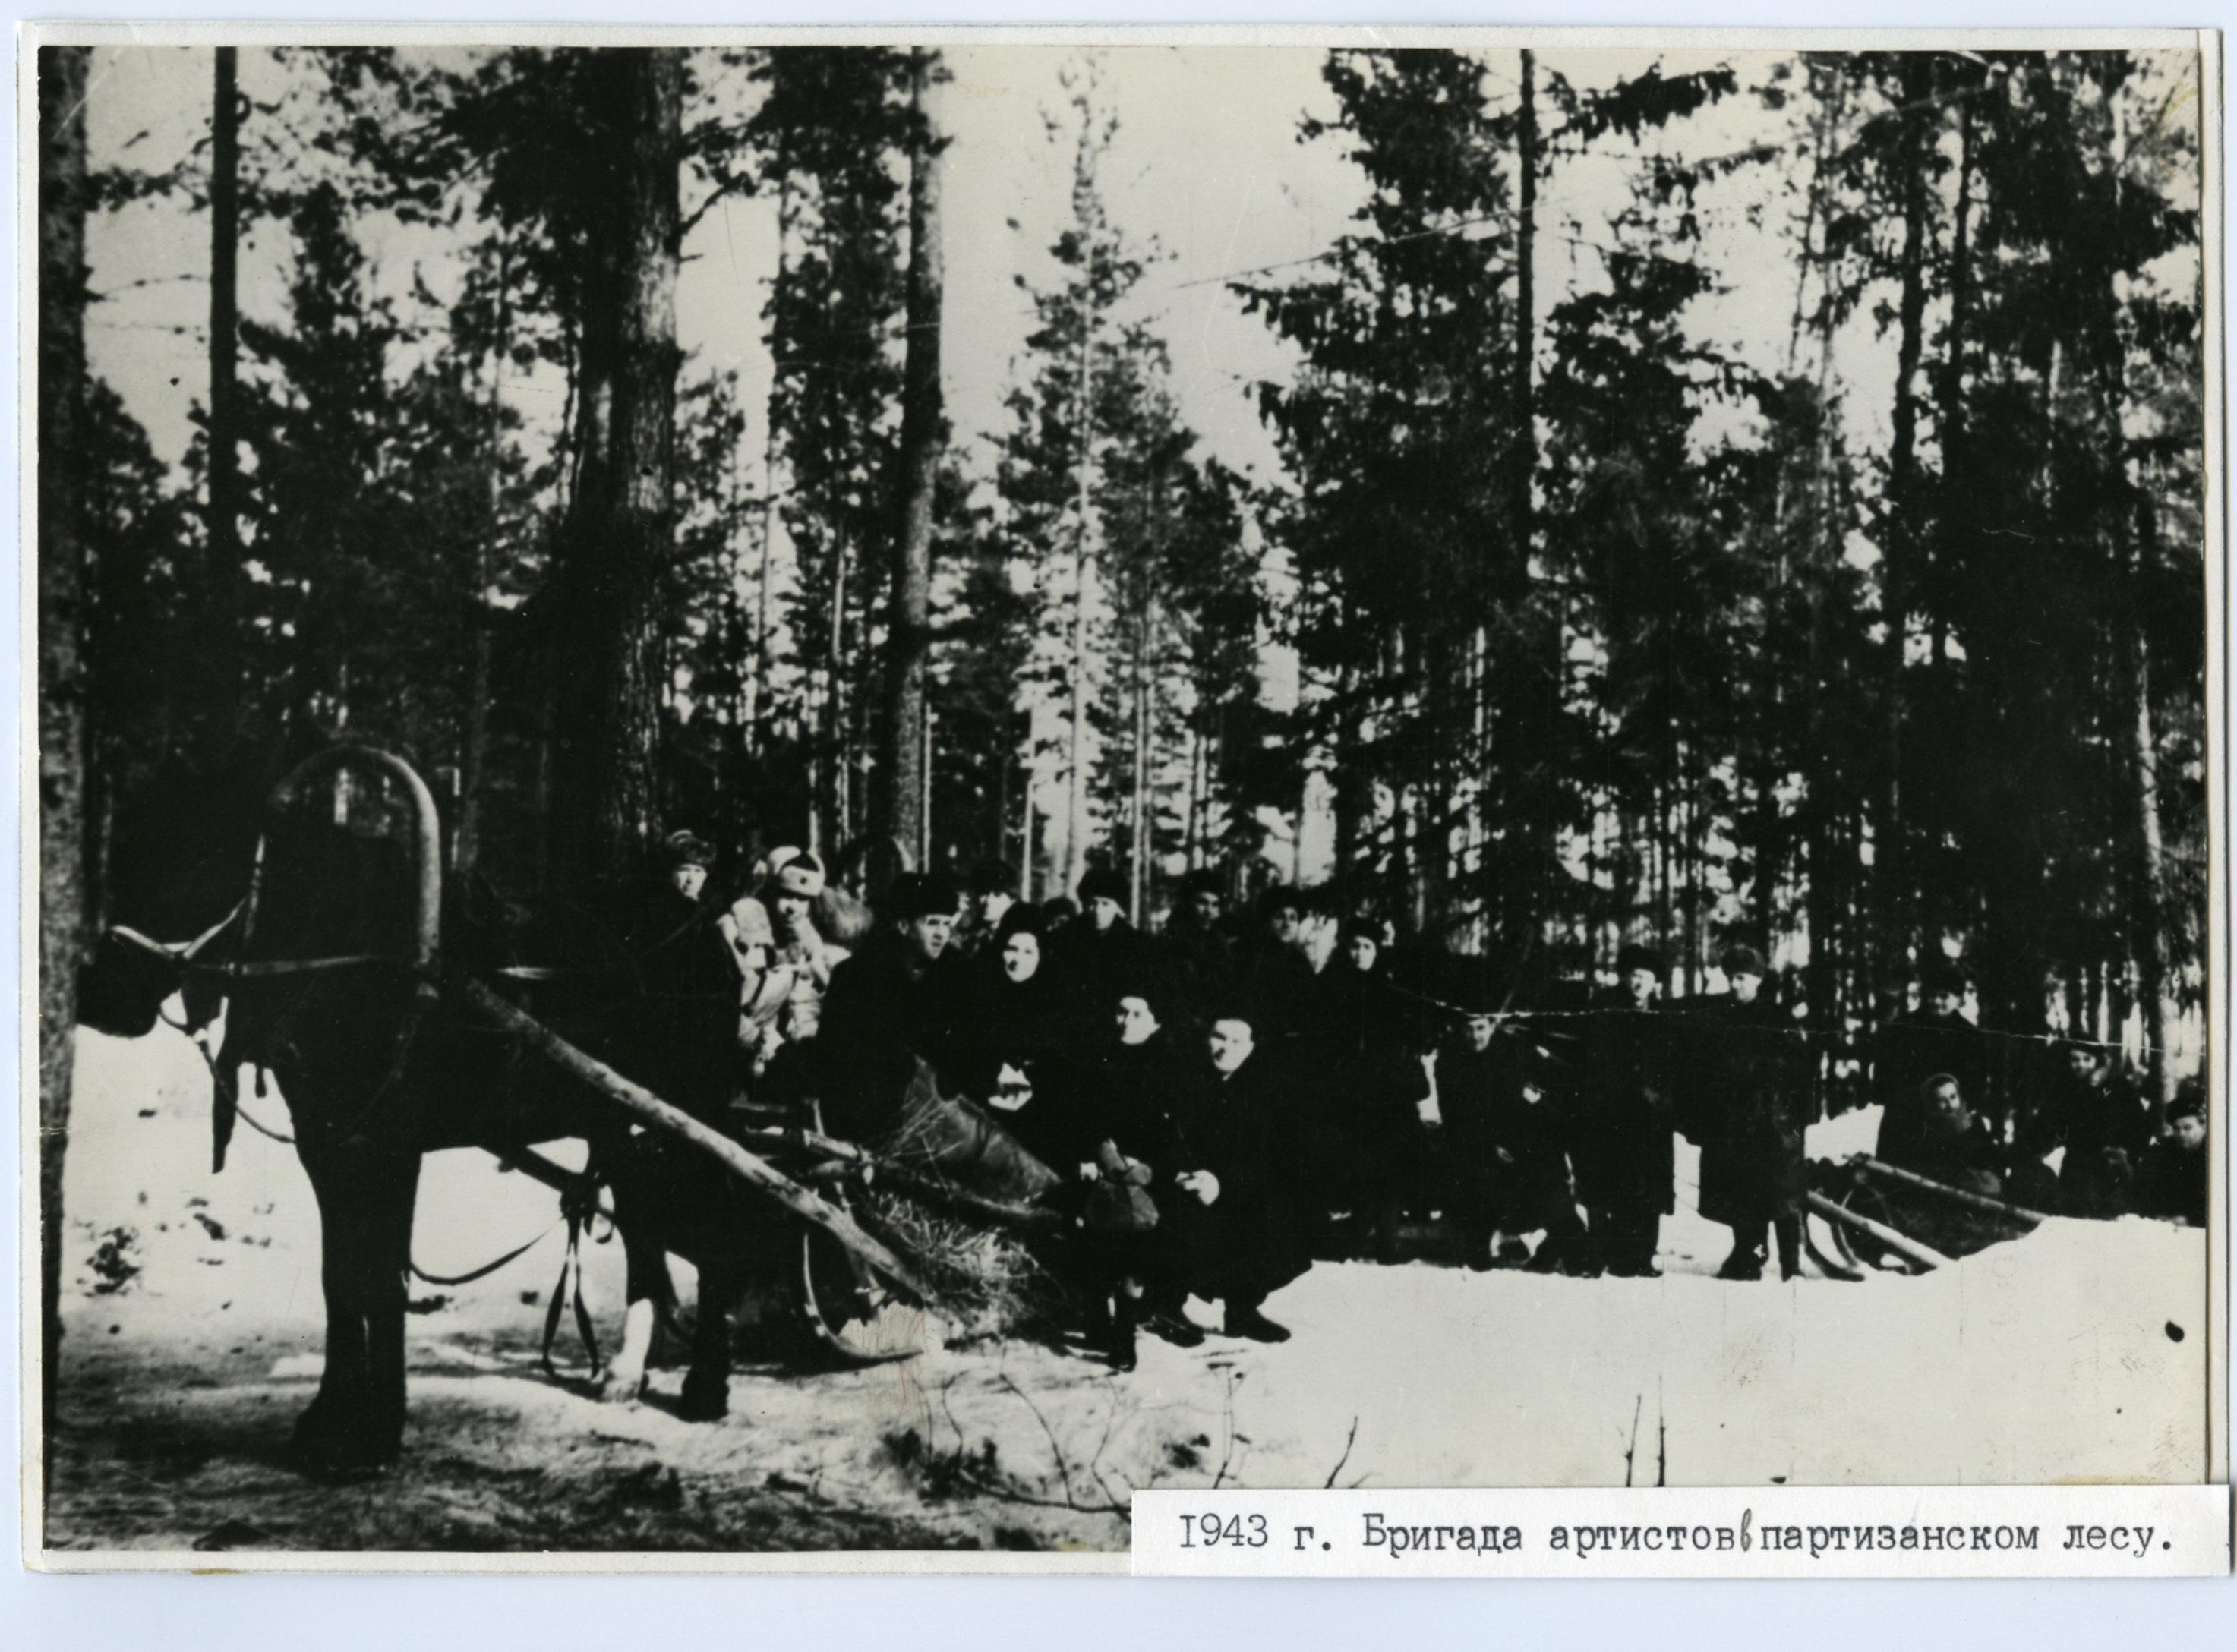 Франтавая брыгада. Горкі. 1943